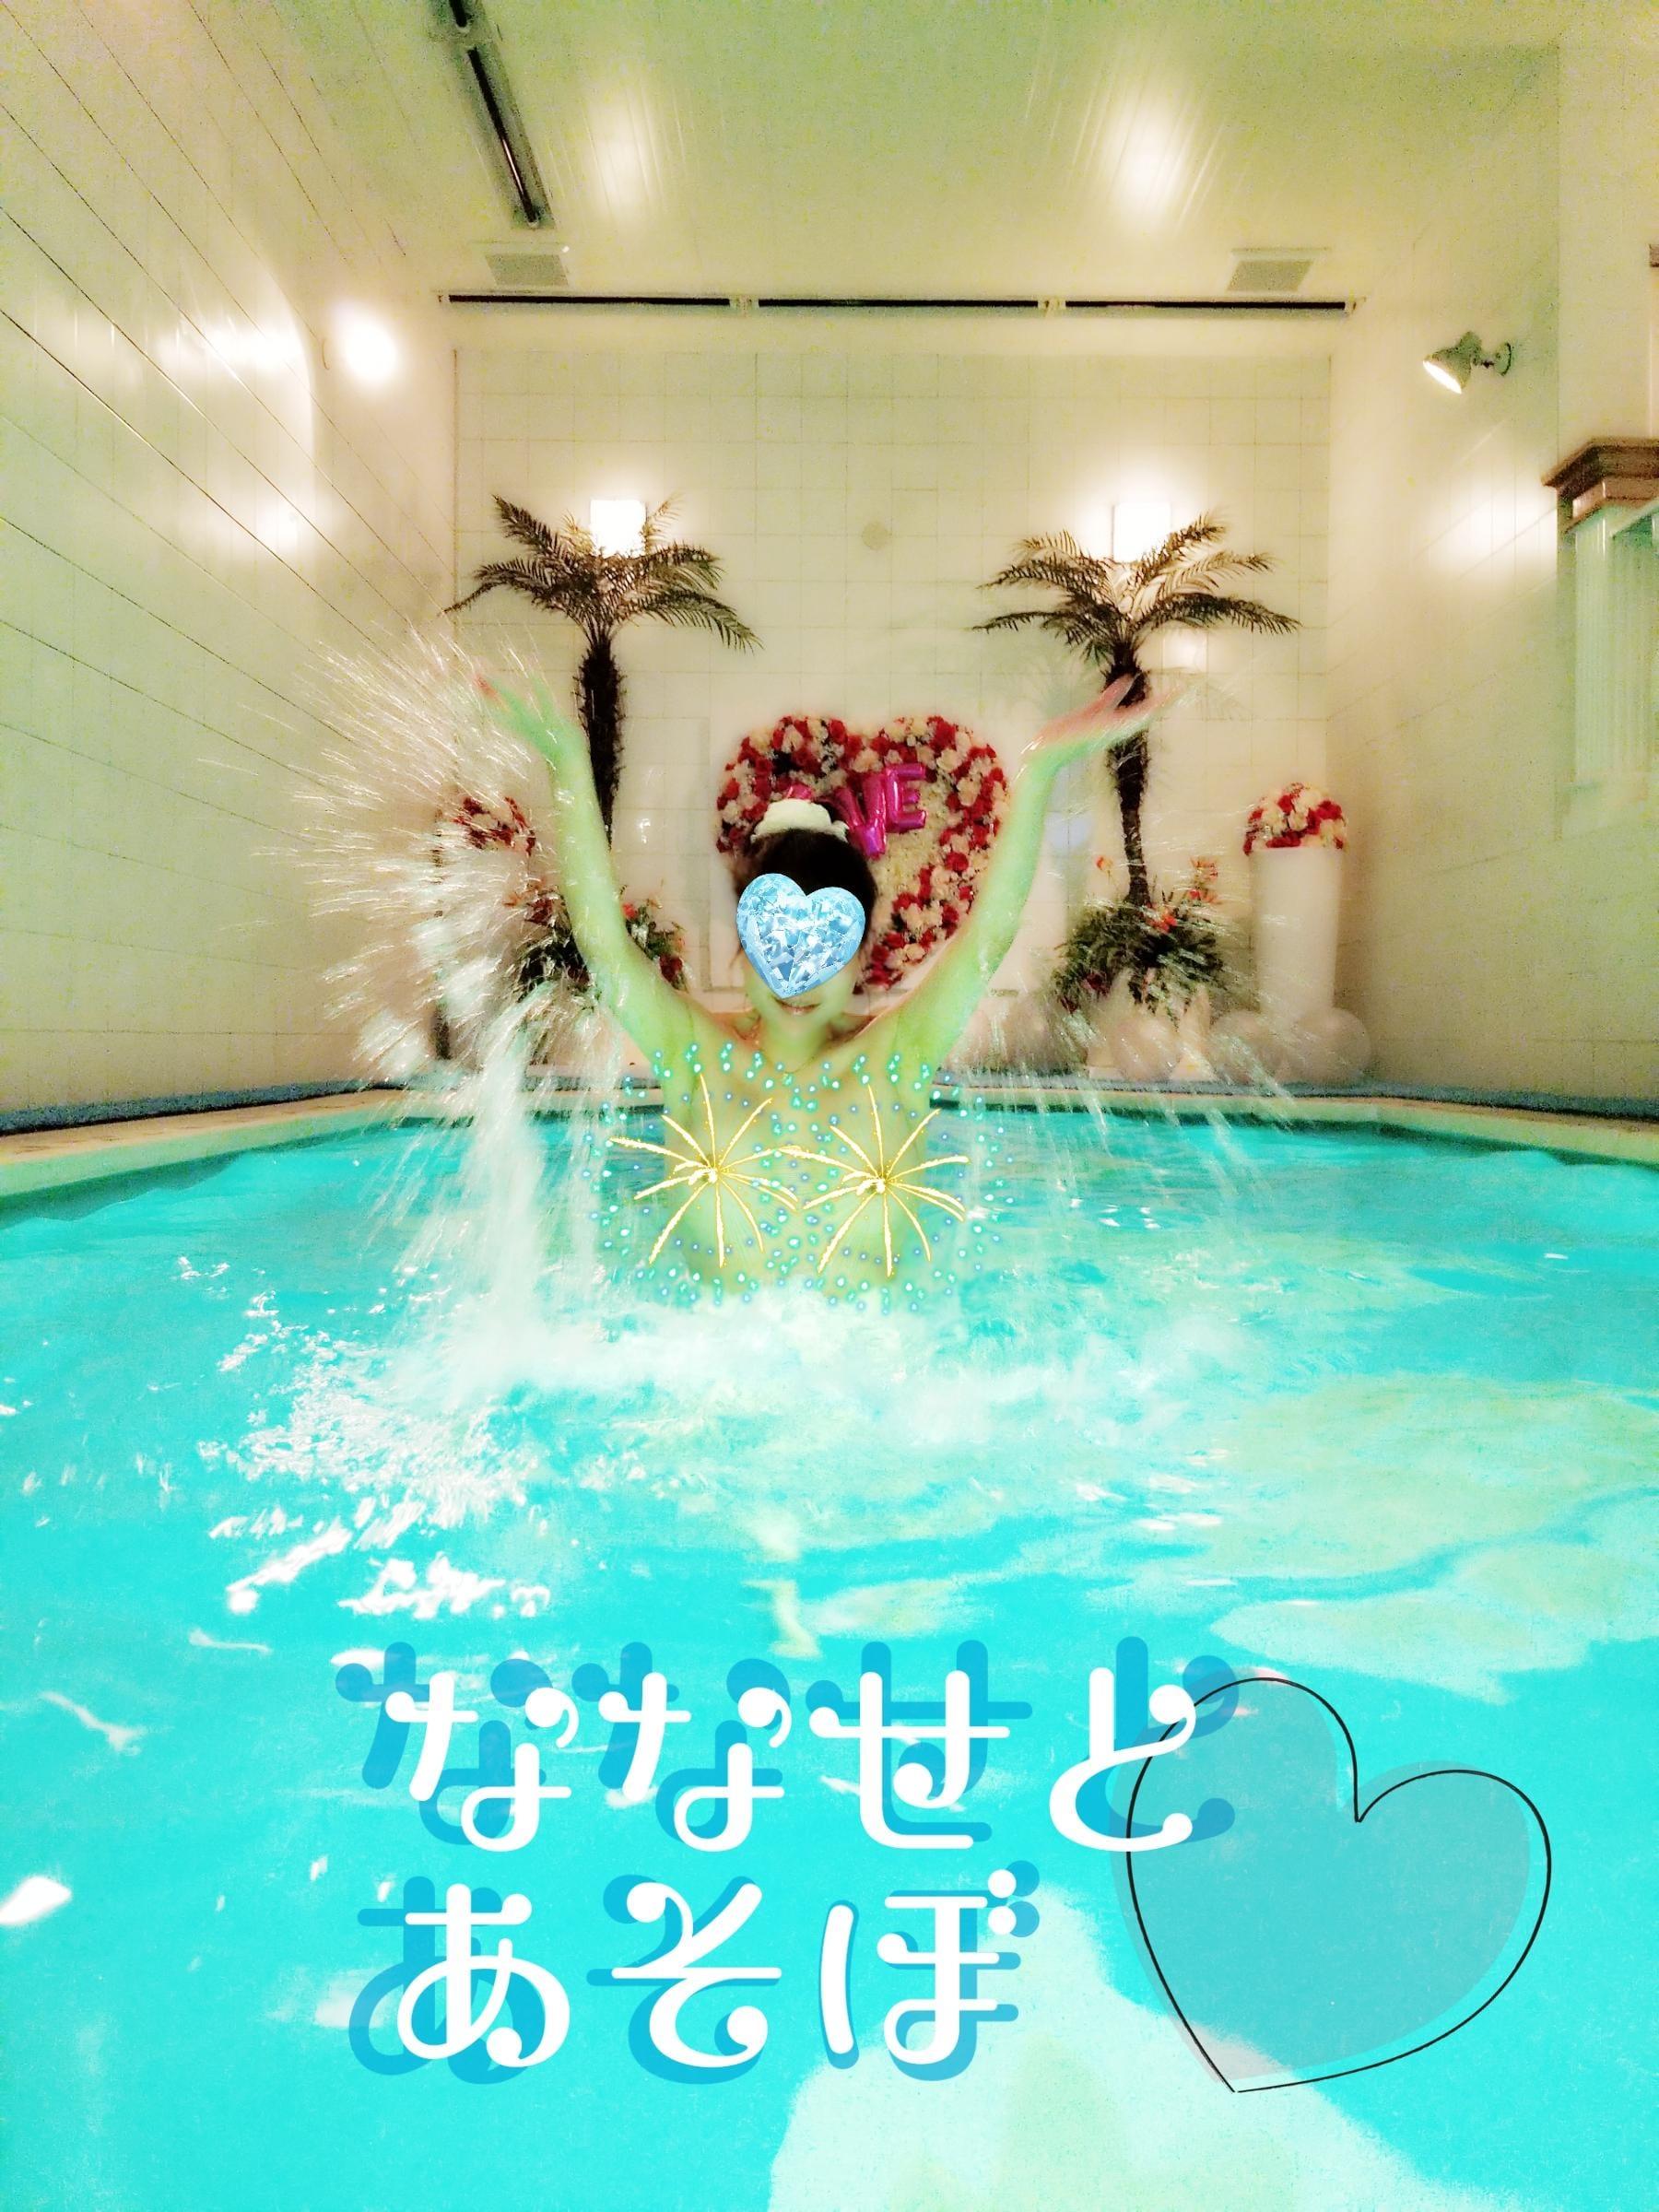 「♡ななせ♡おやすみなさいませ♡ (*´³.`*) ㄘゅ♡ㄘゅ」08/15(水) 23:36 | 七瀬の写メ・風俗動画